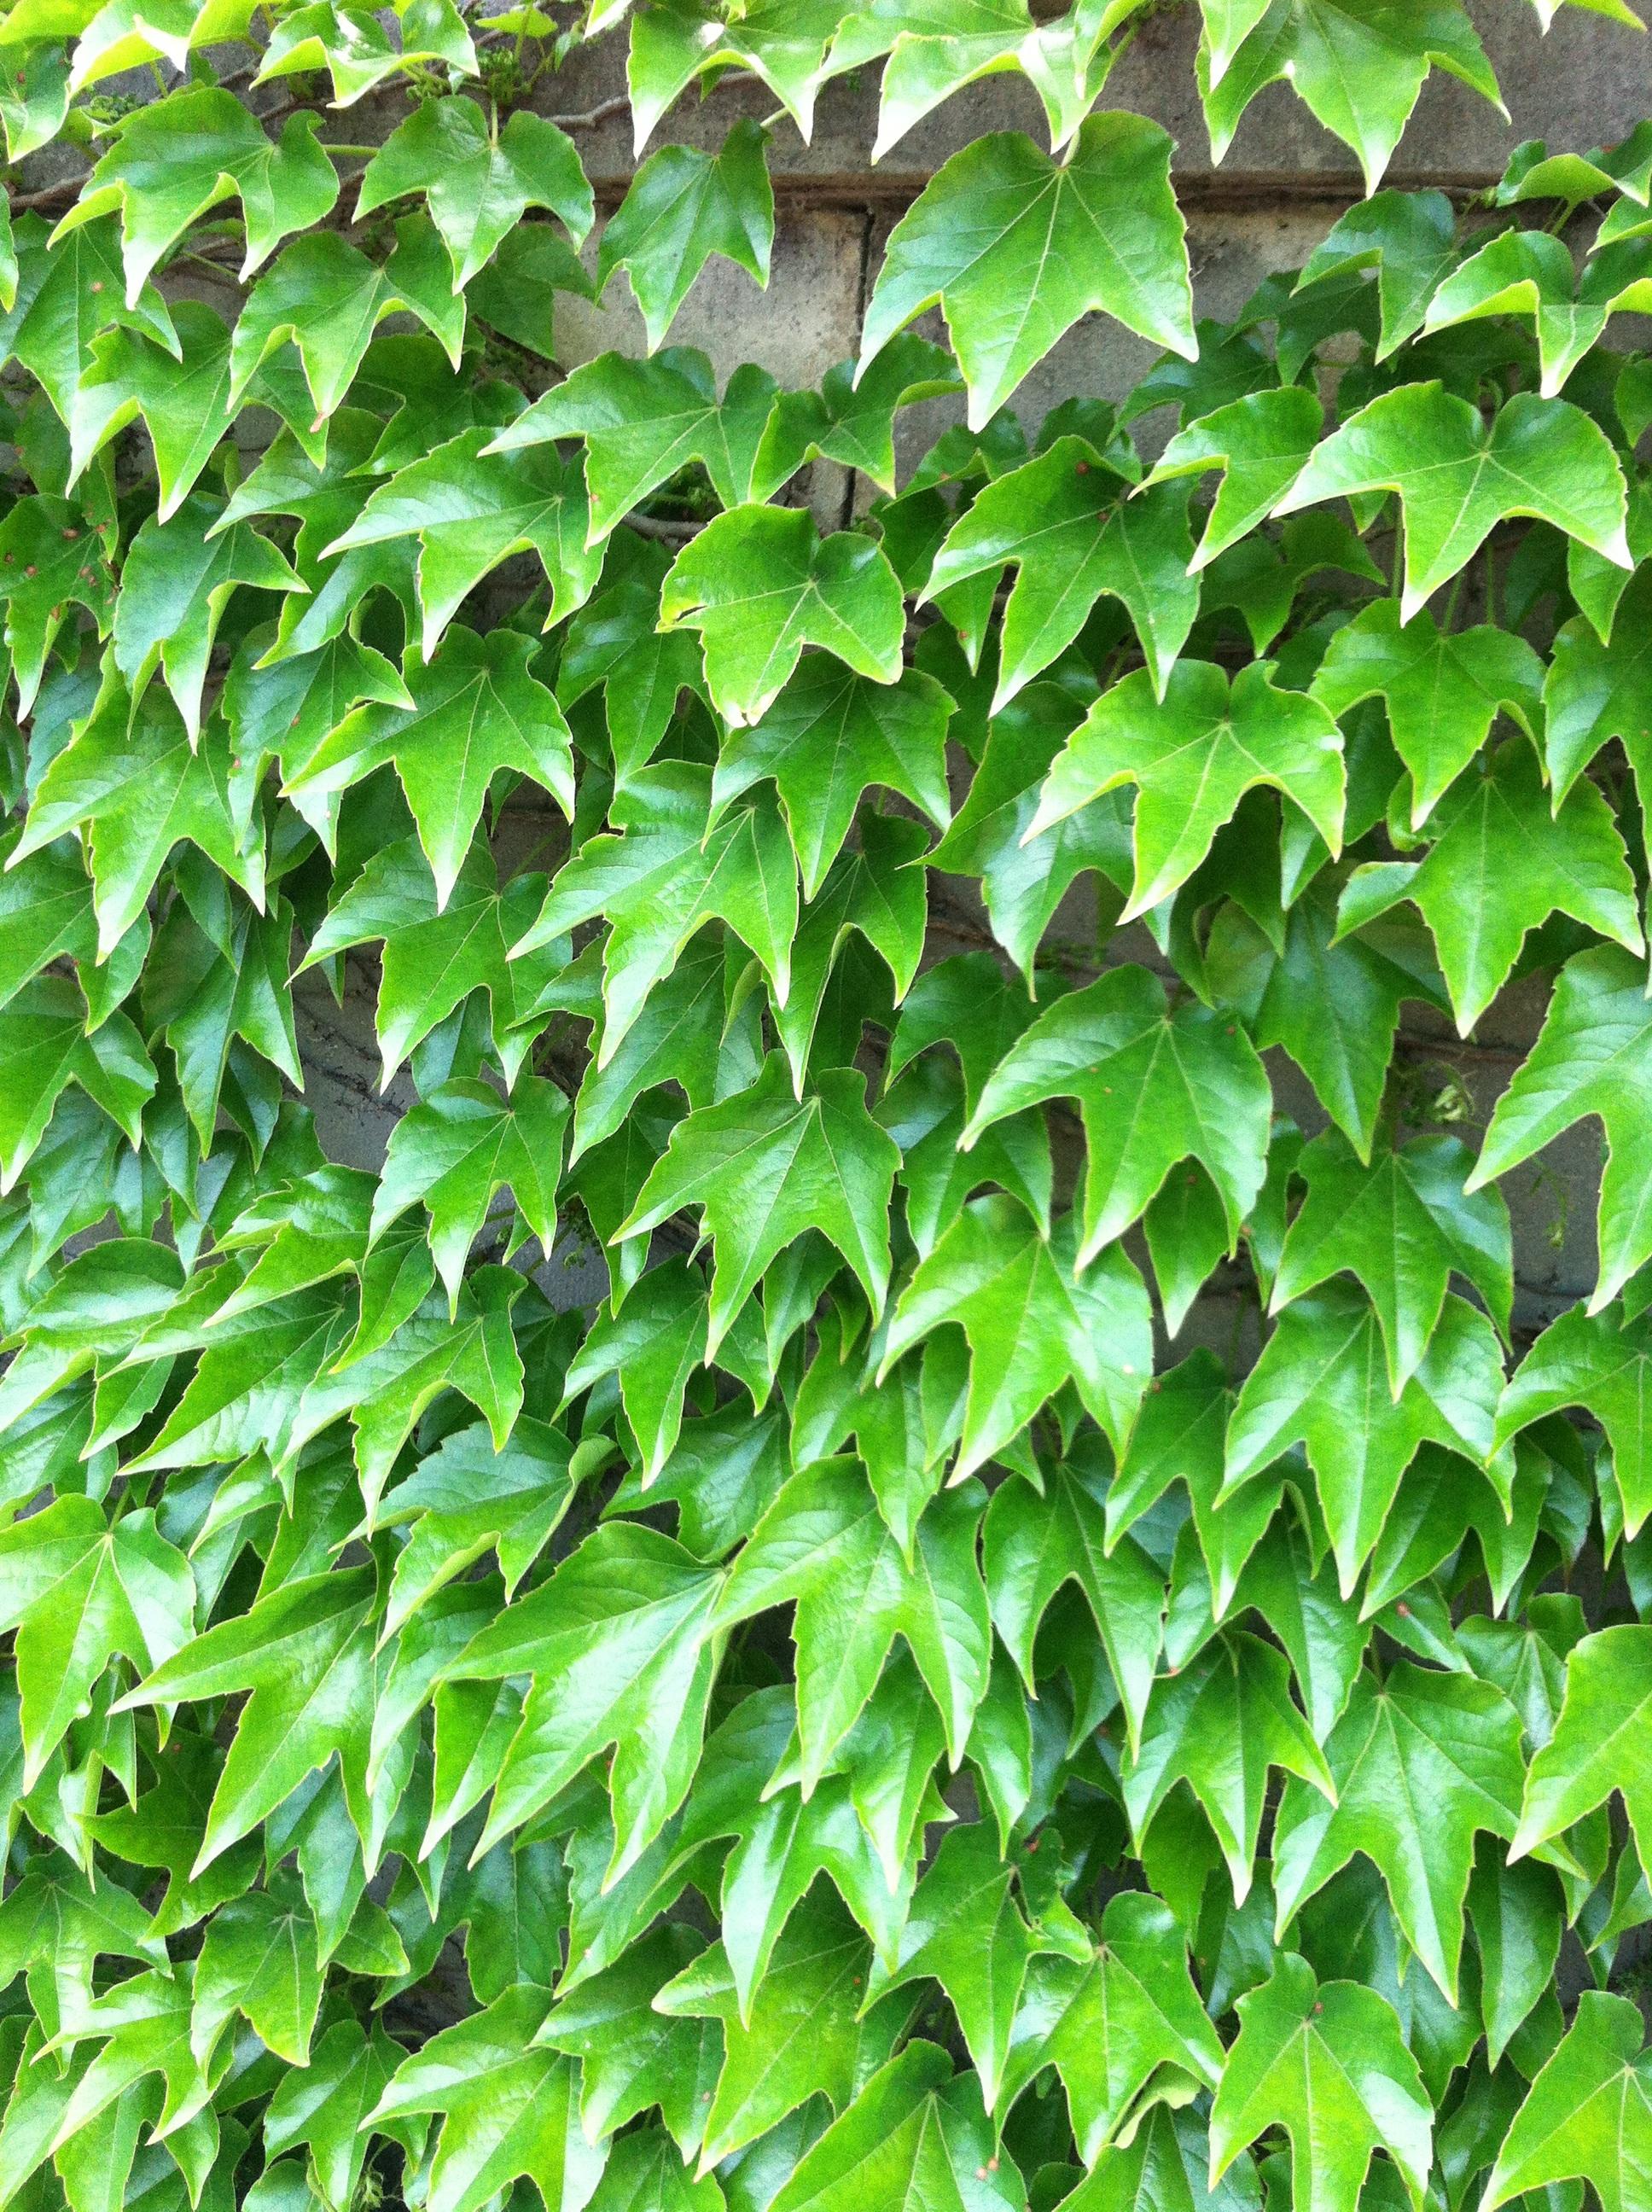 картинки зеленого плюща позитивное, нейтральное